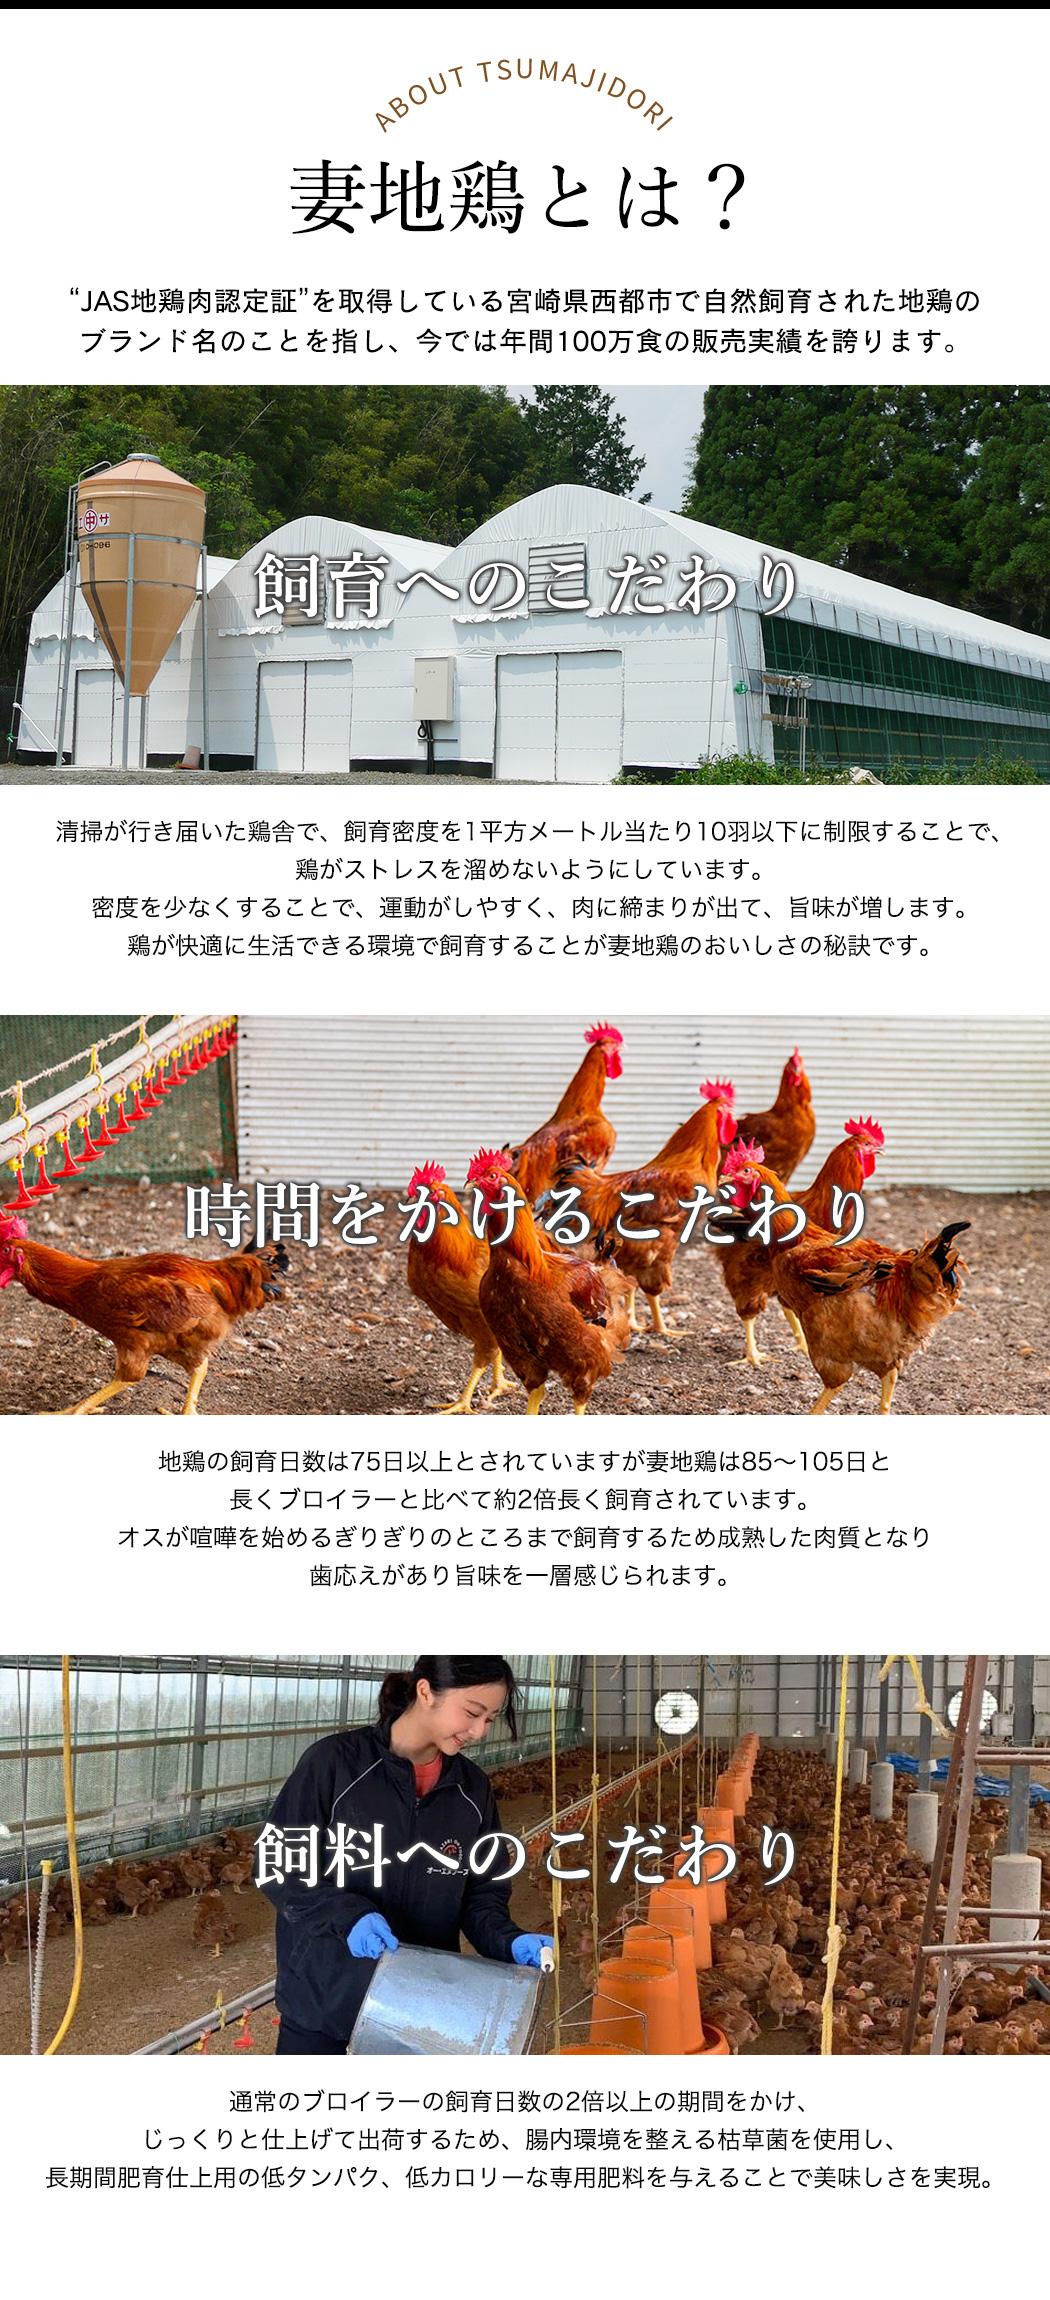 """妻地鶏とは? """"JAS地鶏肉認定証""""を取得している宮崎県西都市で自然飼育された地鶏のブランド名のことを指し、今では年間100万食の販売実績を誇ります。"""